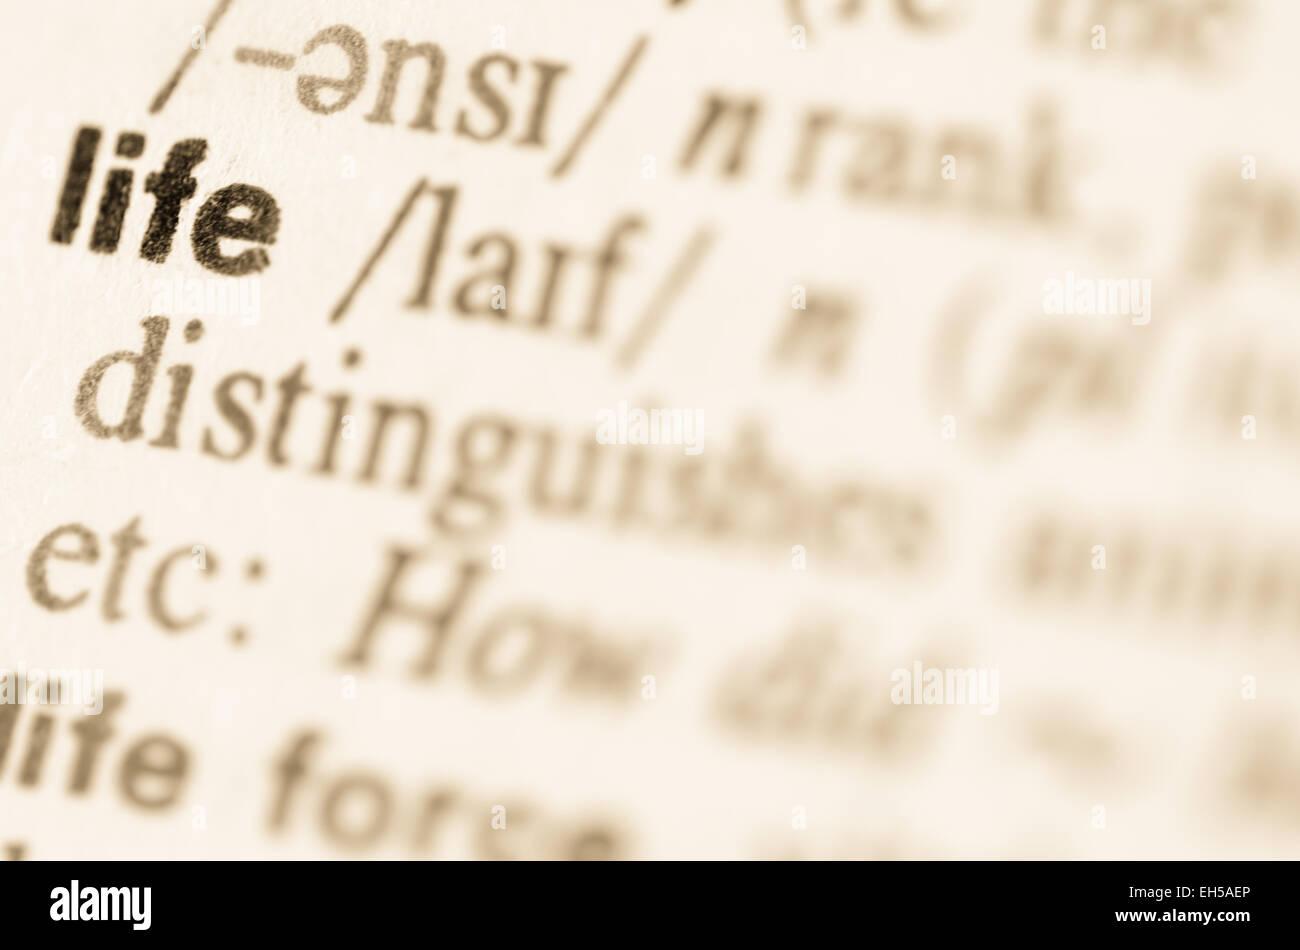 Definizione di vita di parola nel dizionario Immagini Stock